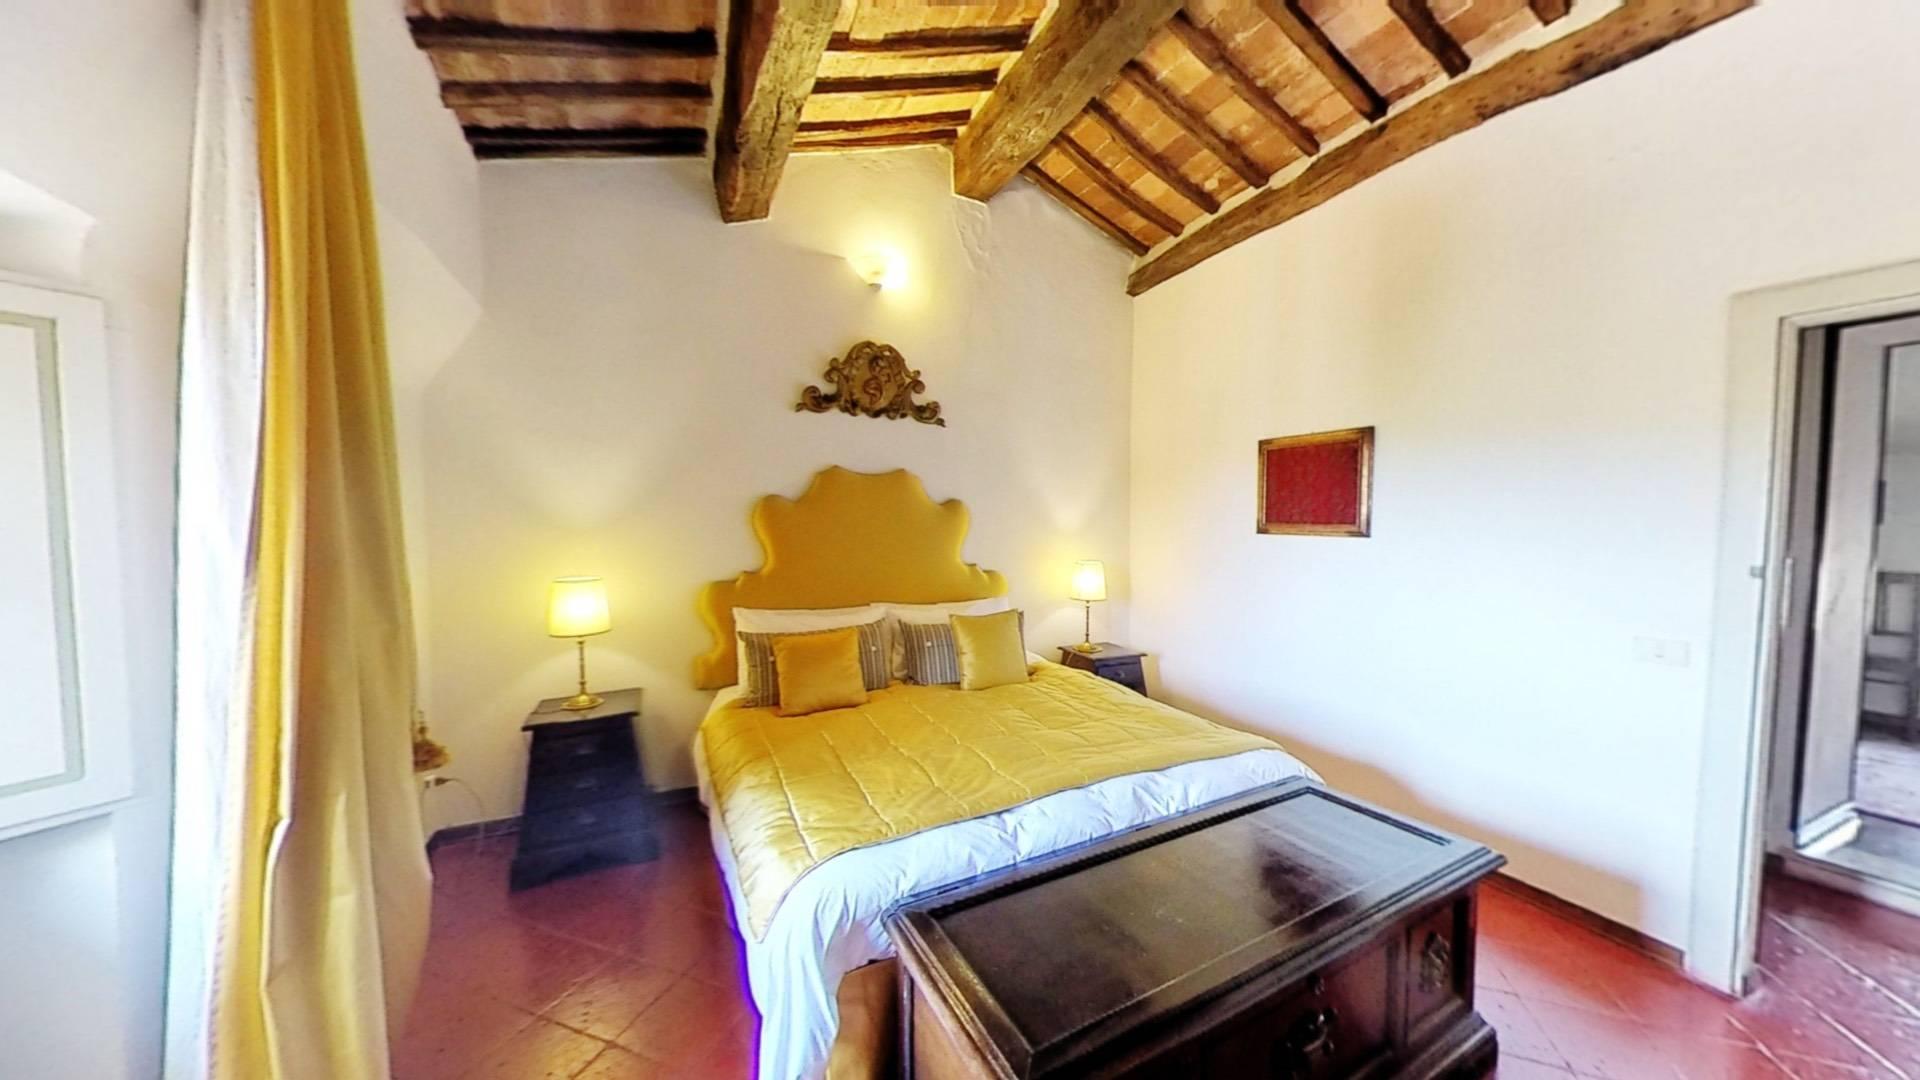 Appartamento in Vendita a Siena: 3 locali, 100 mq - Foto 5